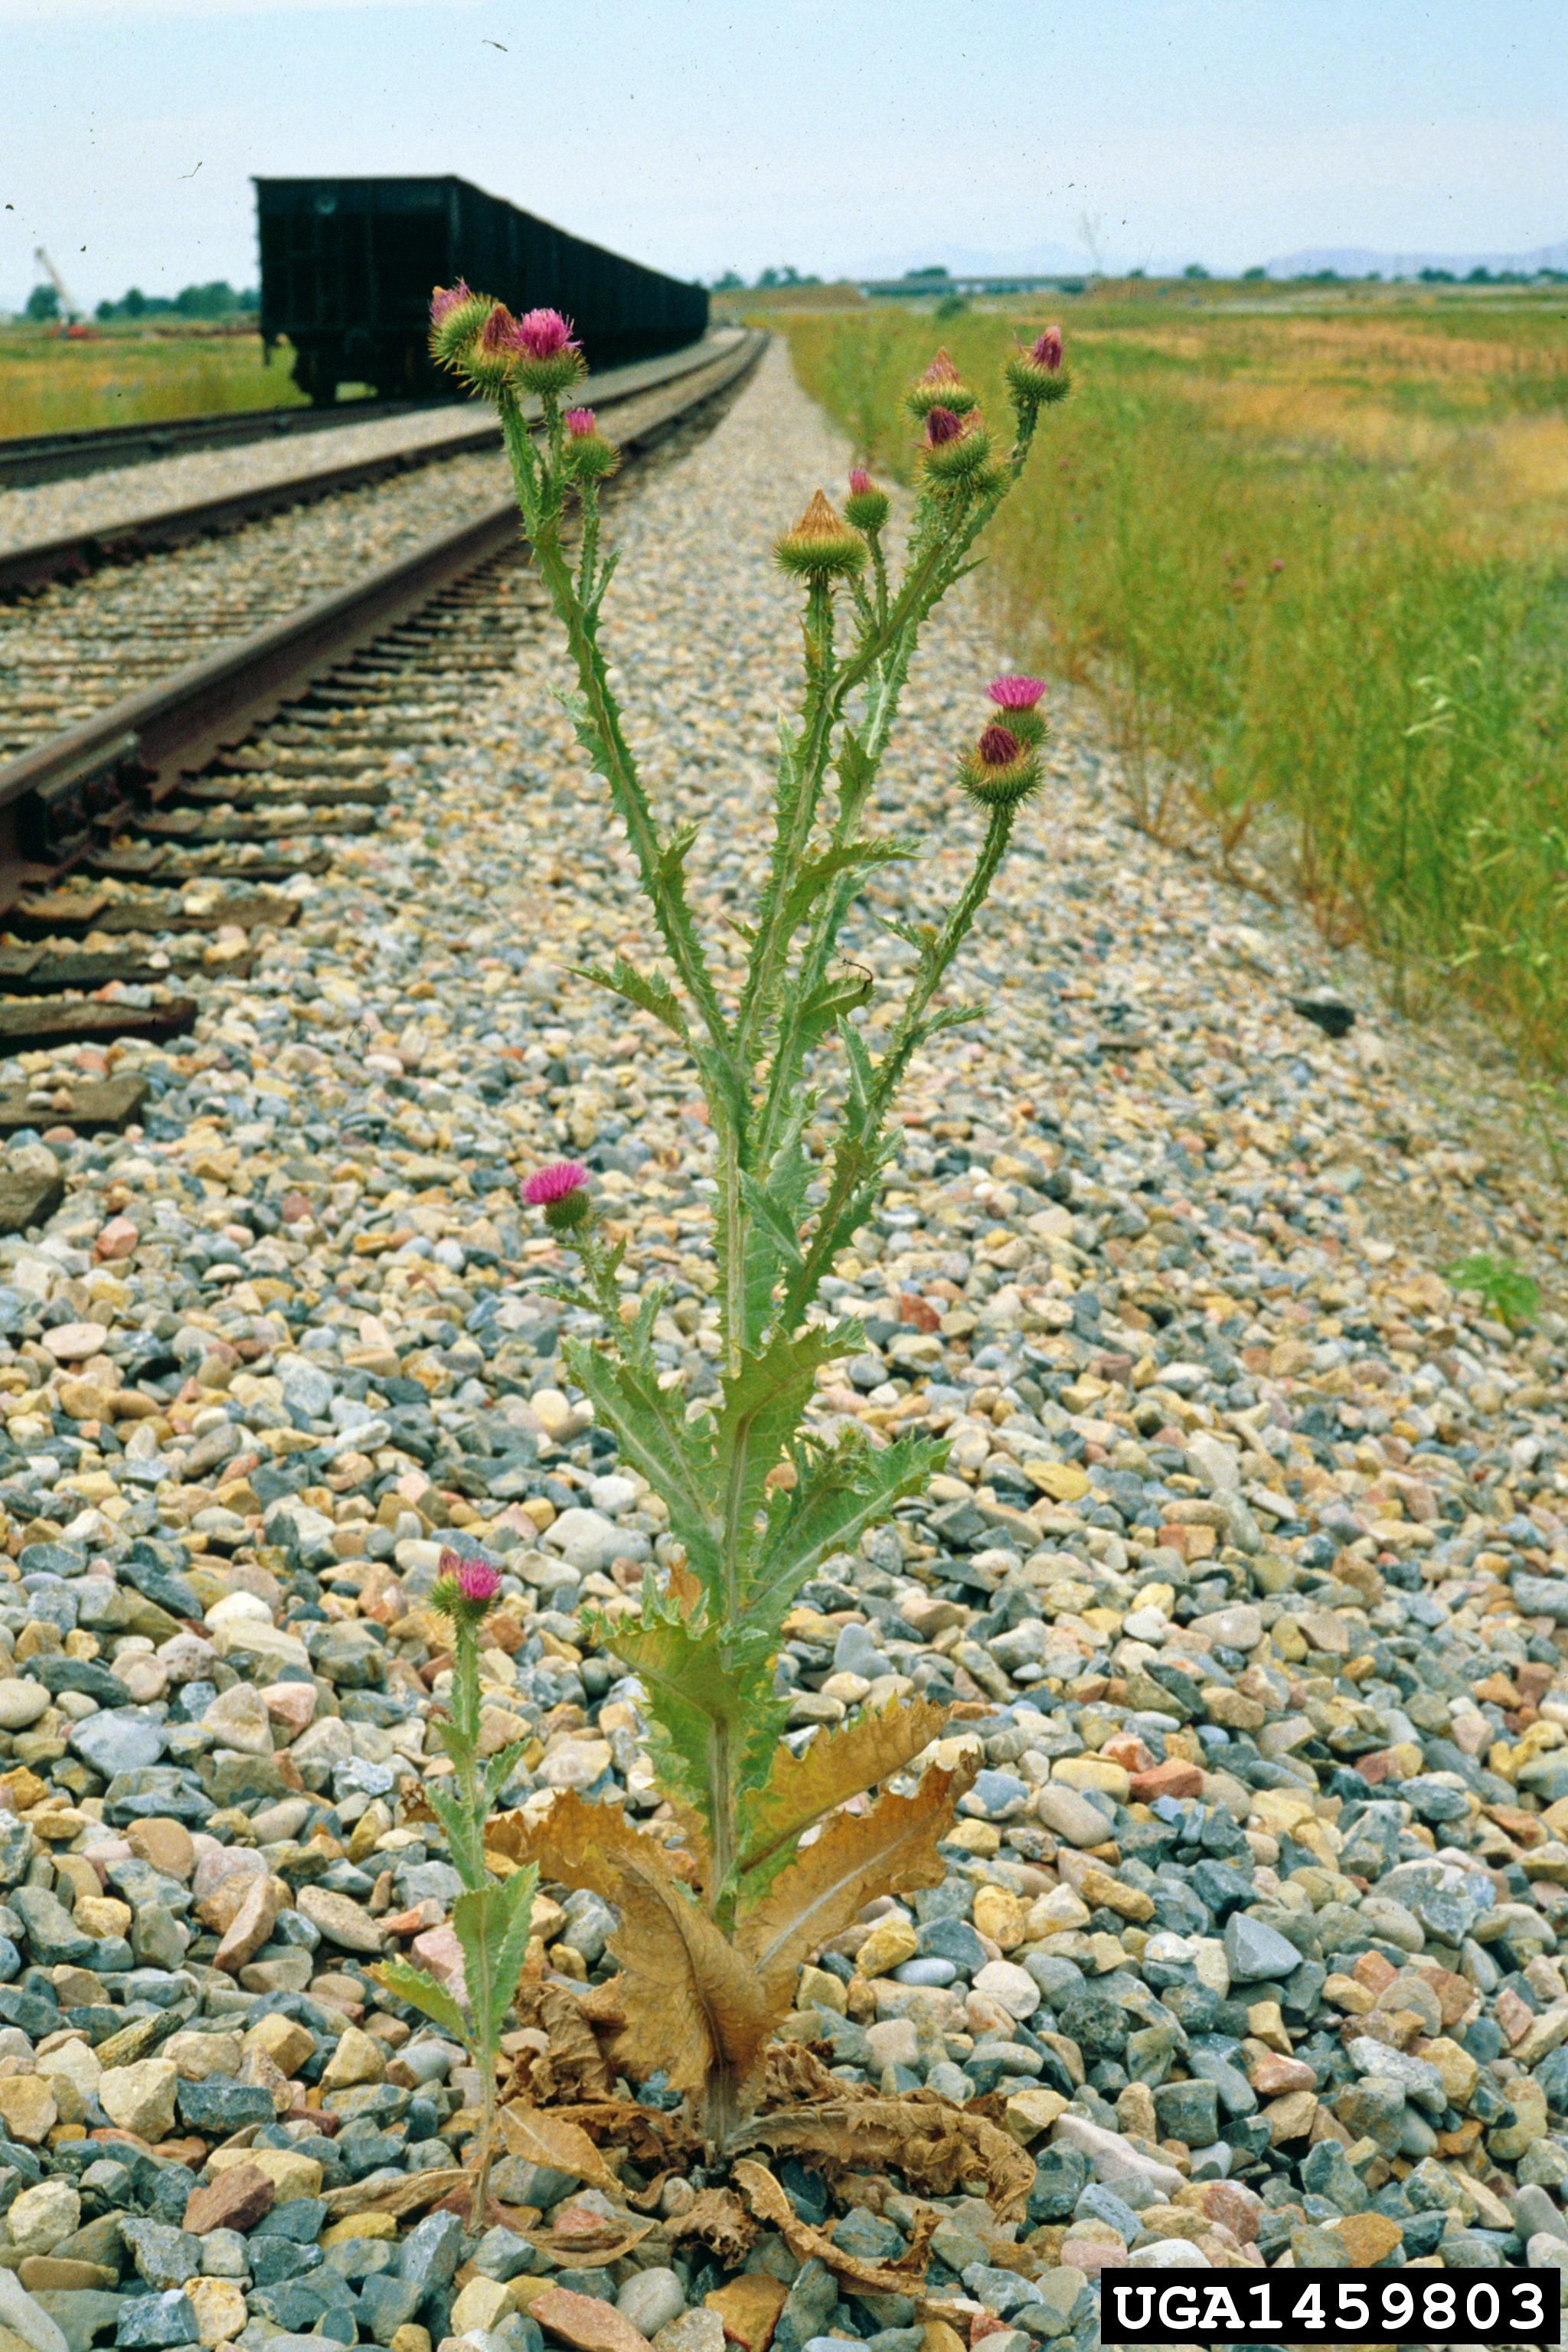 Scotch thistle plant